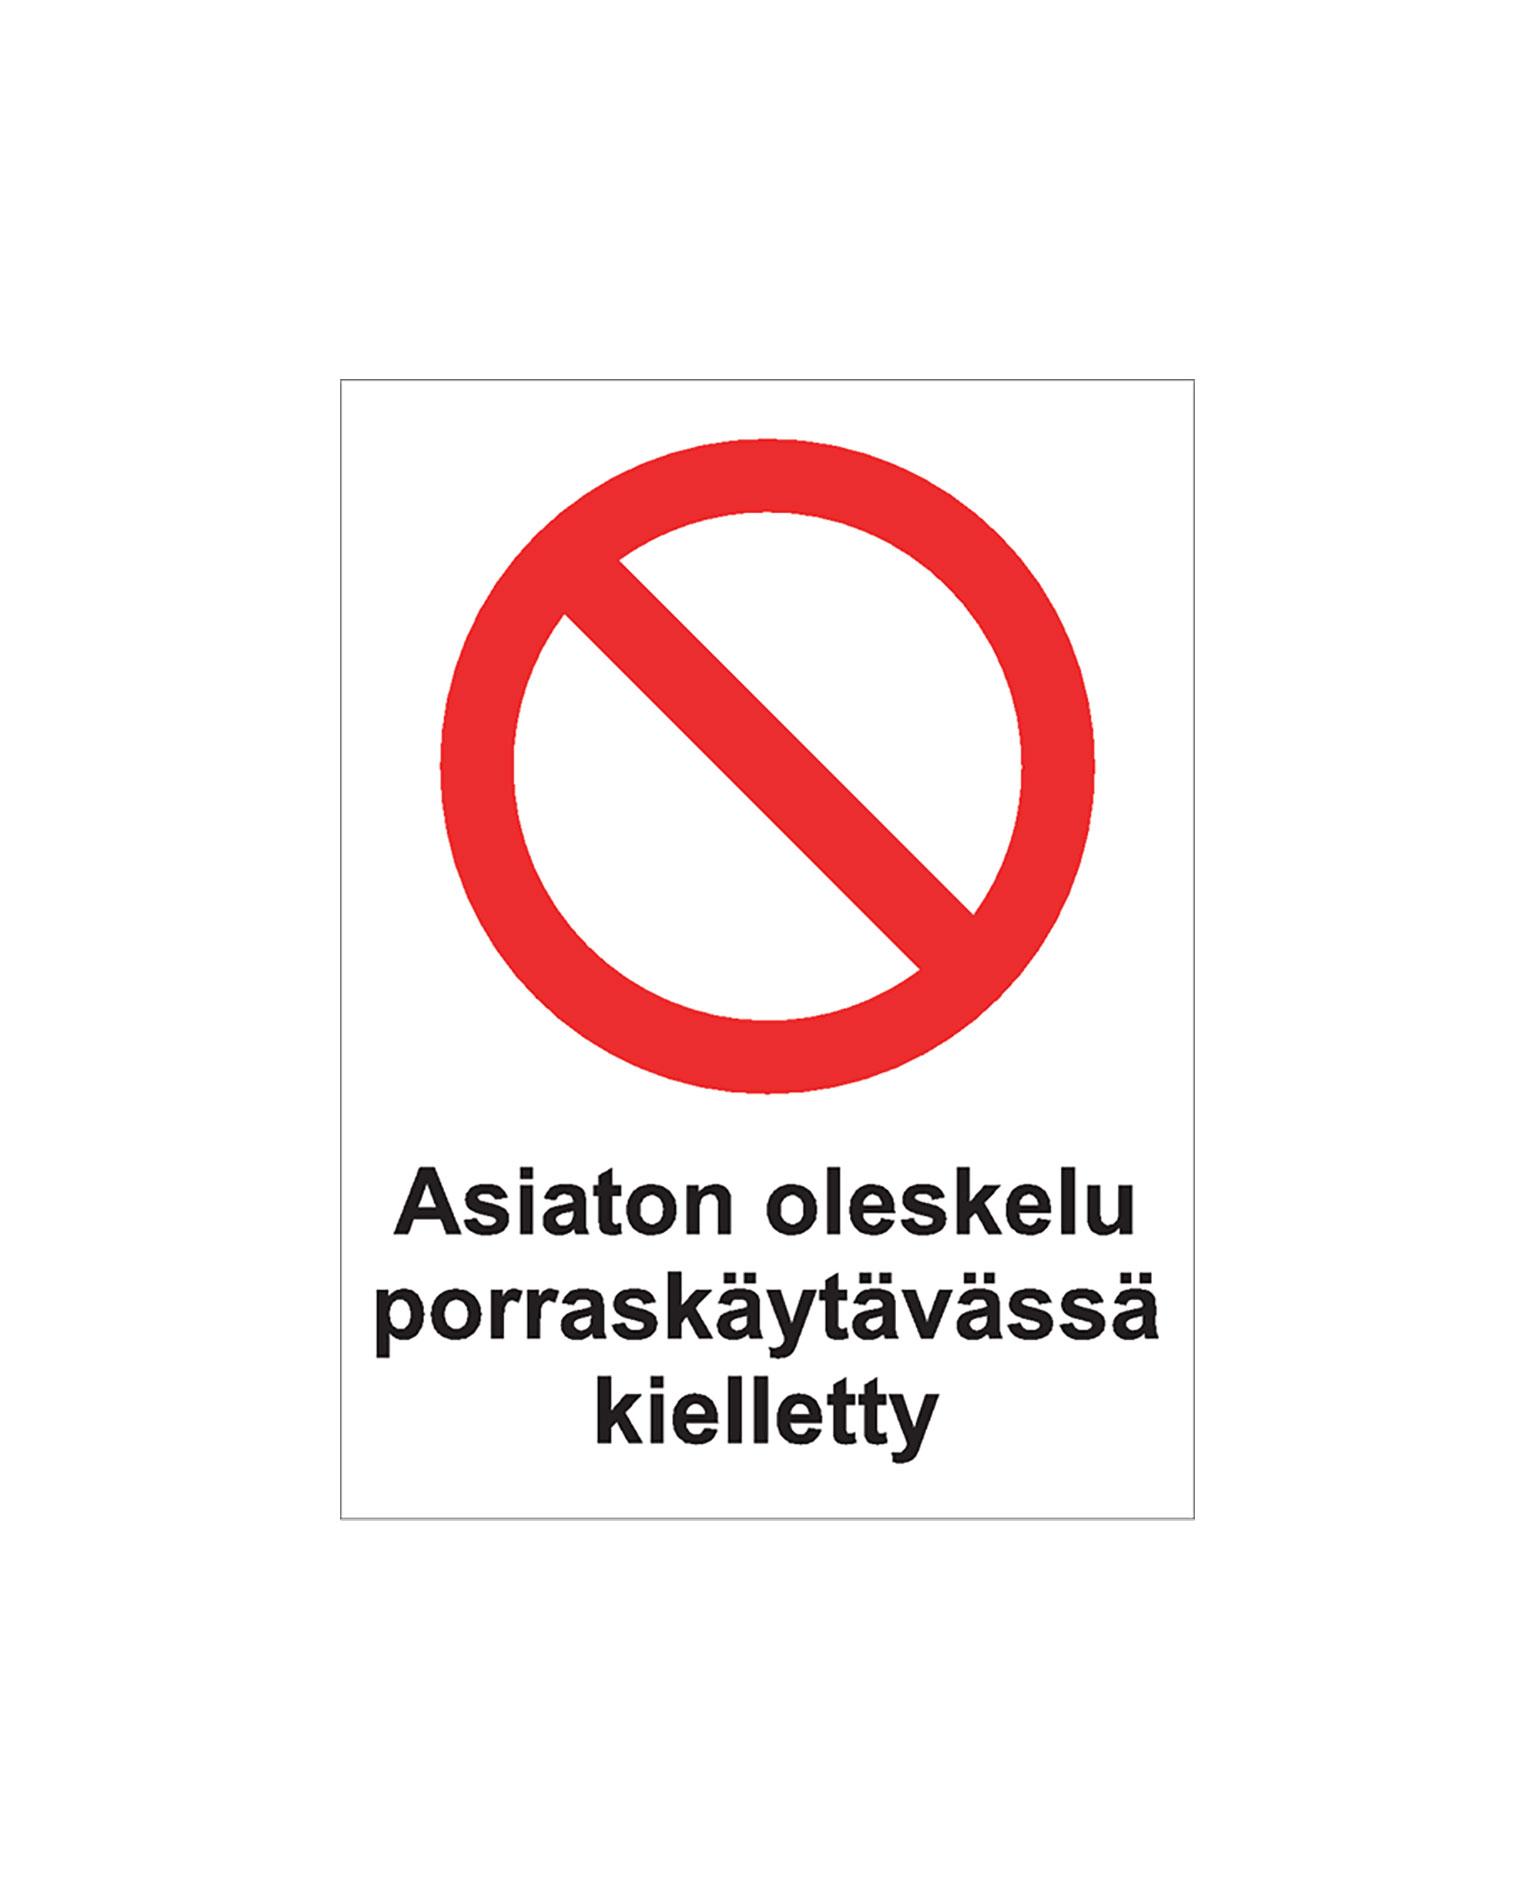 Asiaton